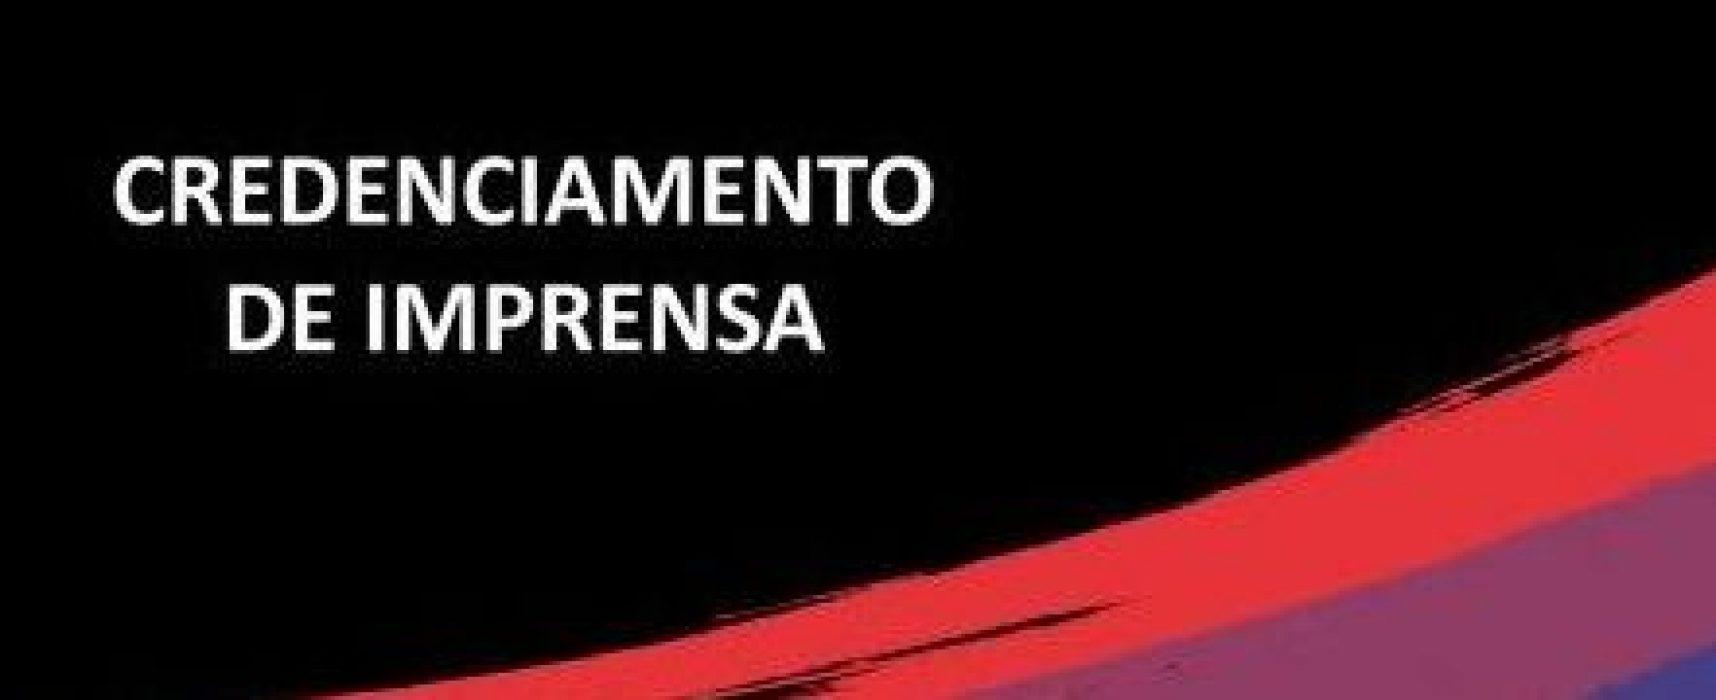 Aberto o credenciamento de imprensa para o Congresso do Intermunicipal 2019